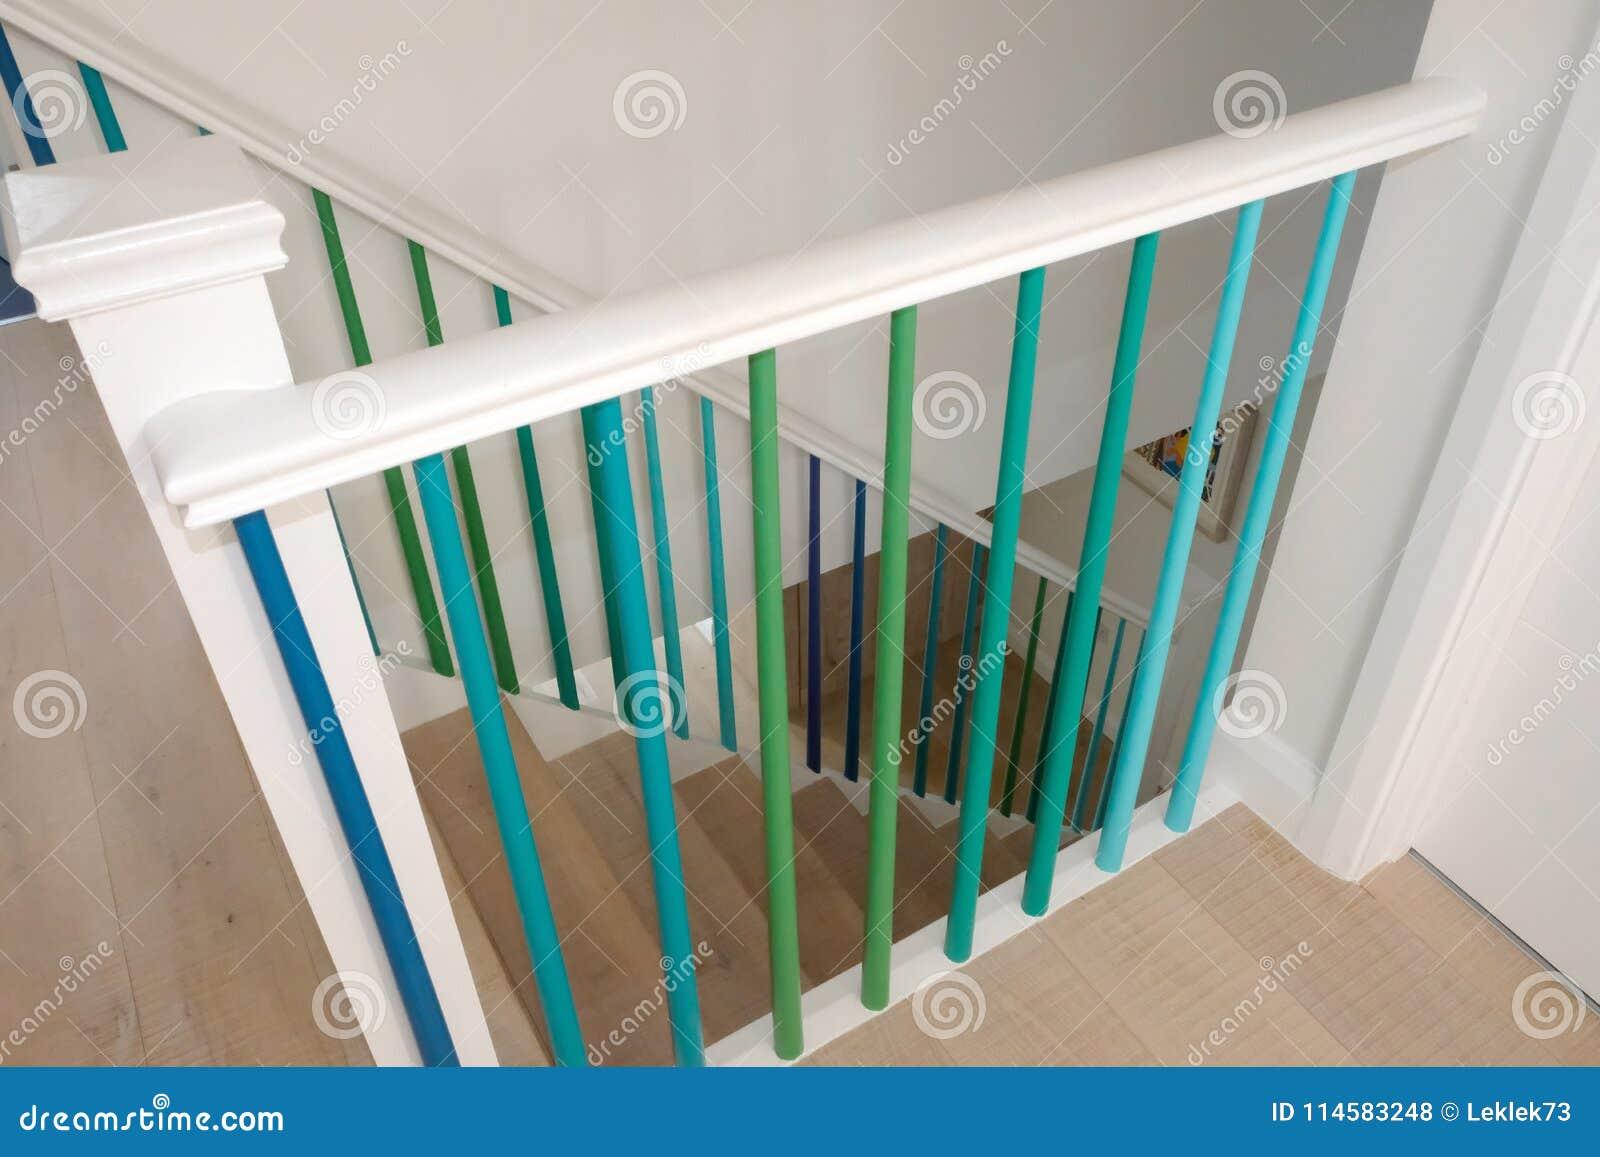 Escadaria de madeira minimalista com os eixos pintados no verde, na turquesa e em cores azuis do ombre